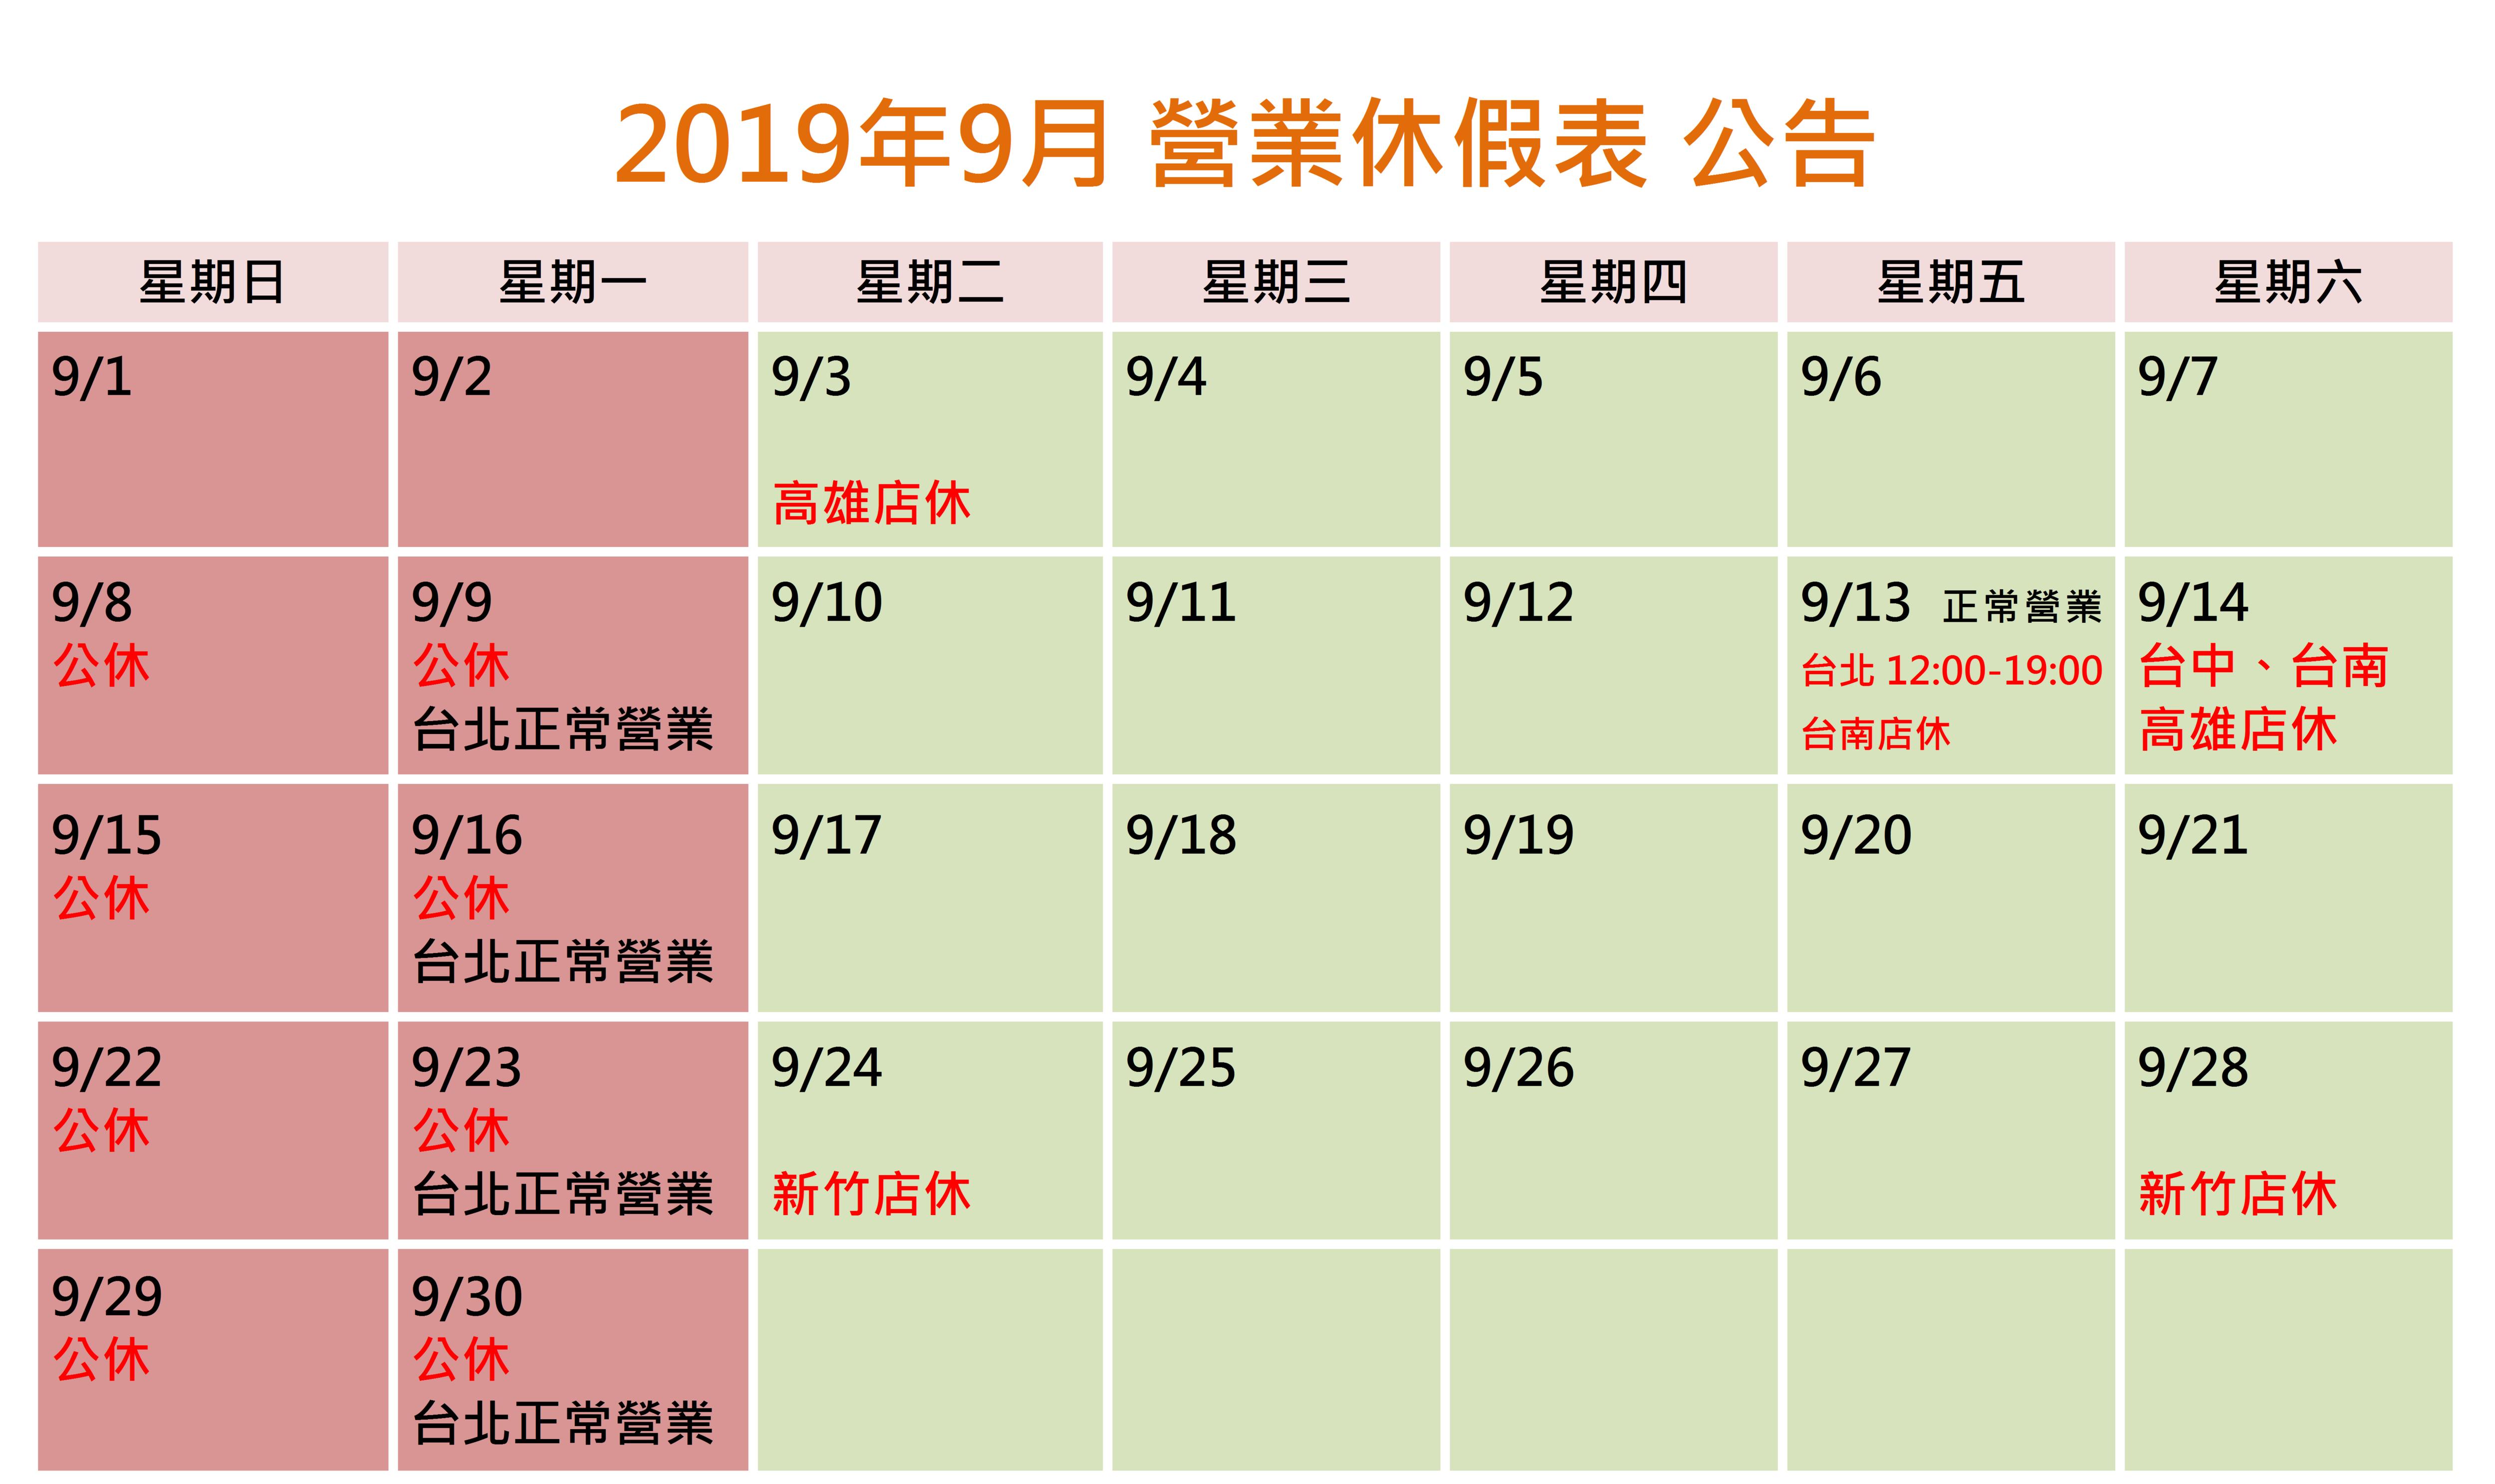 鴻宇光學門市9月營業休假日公告